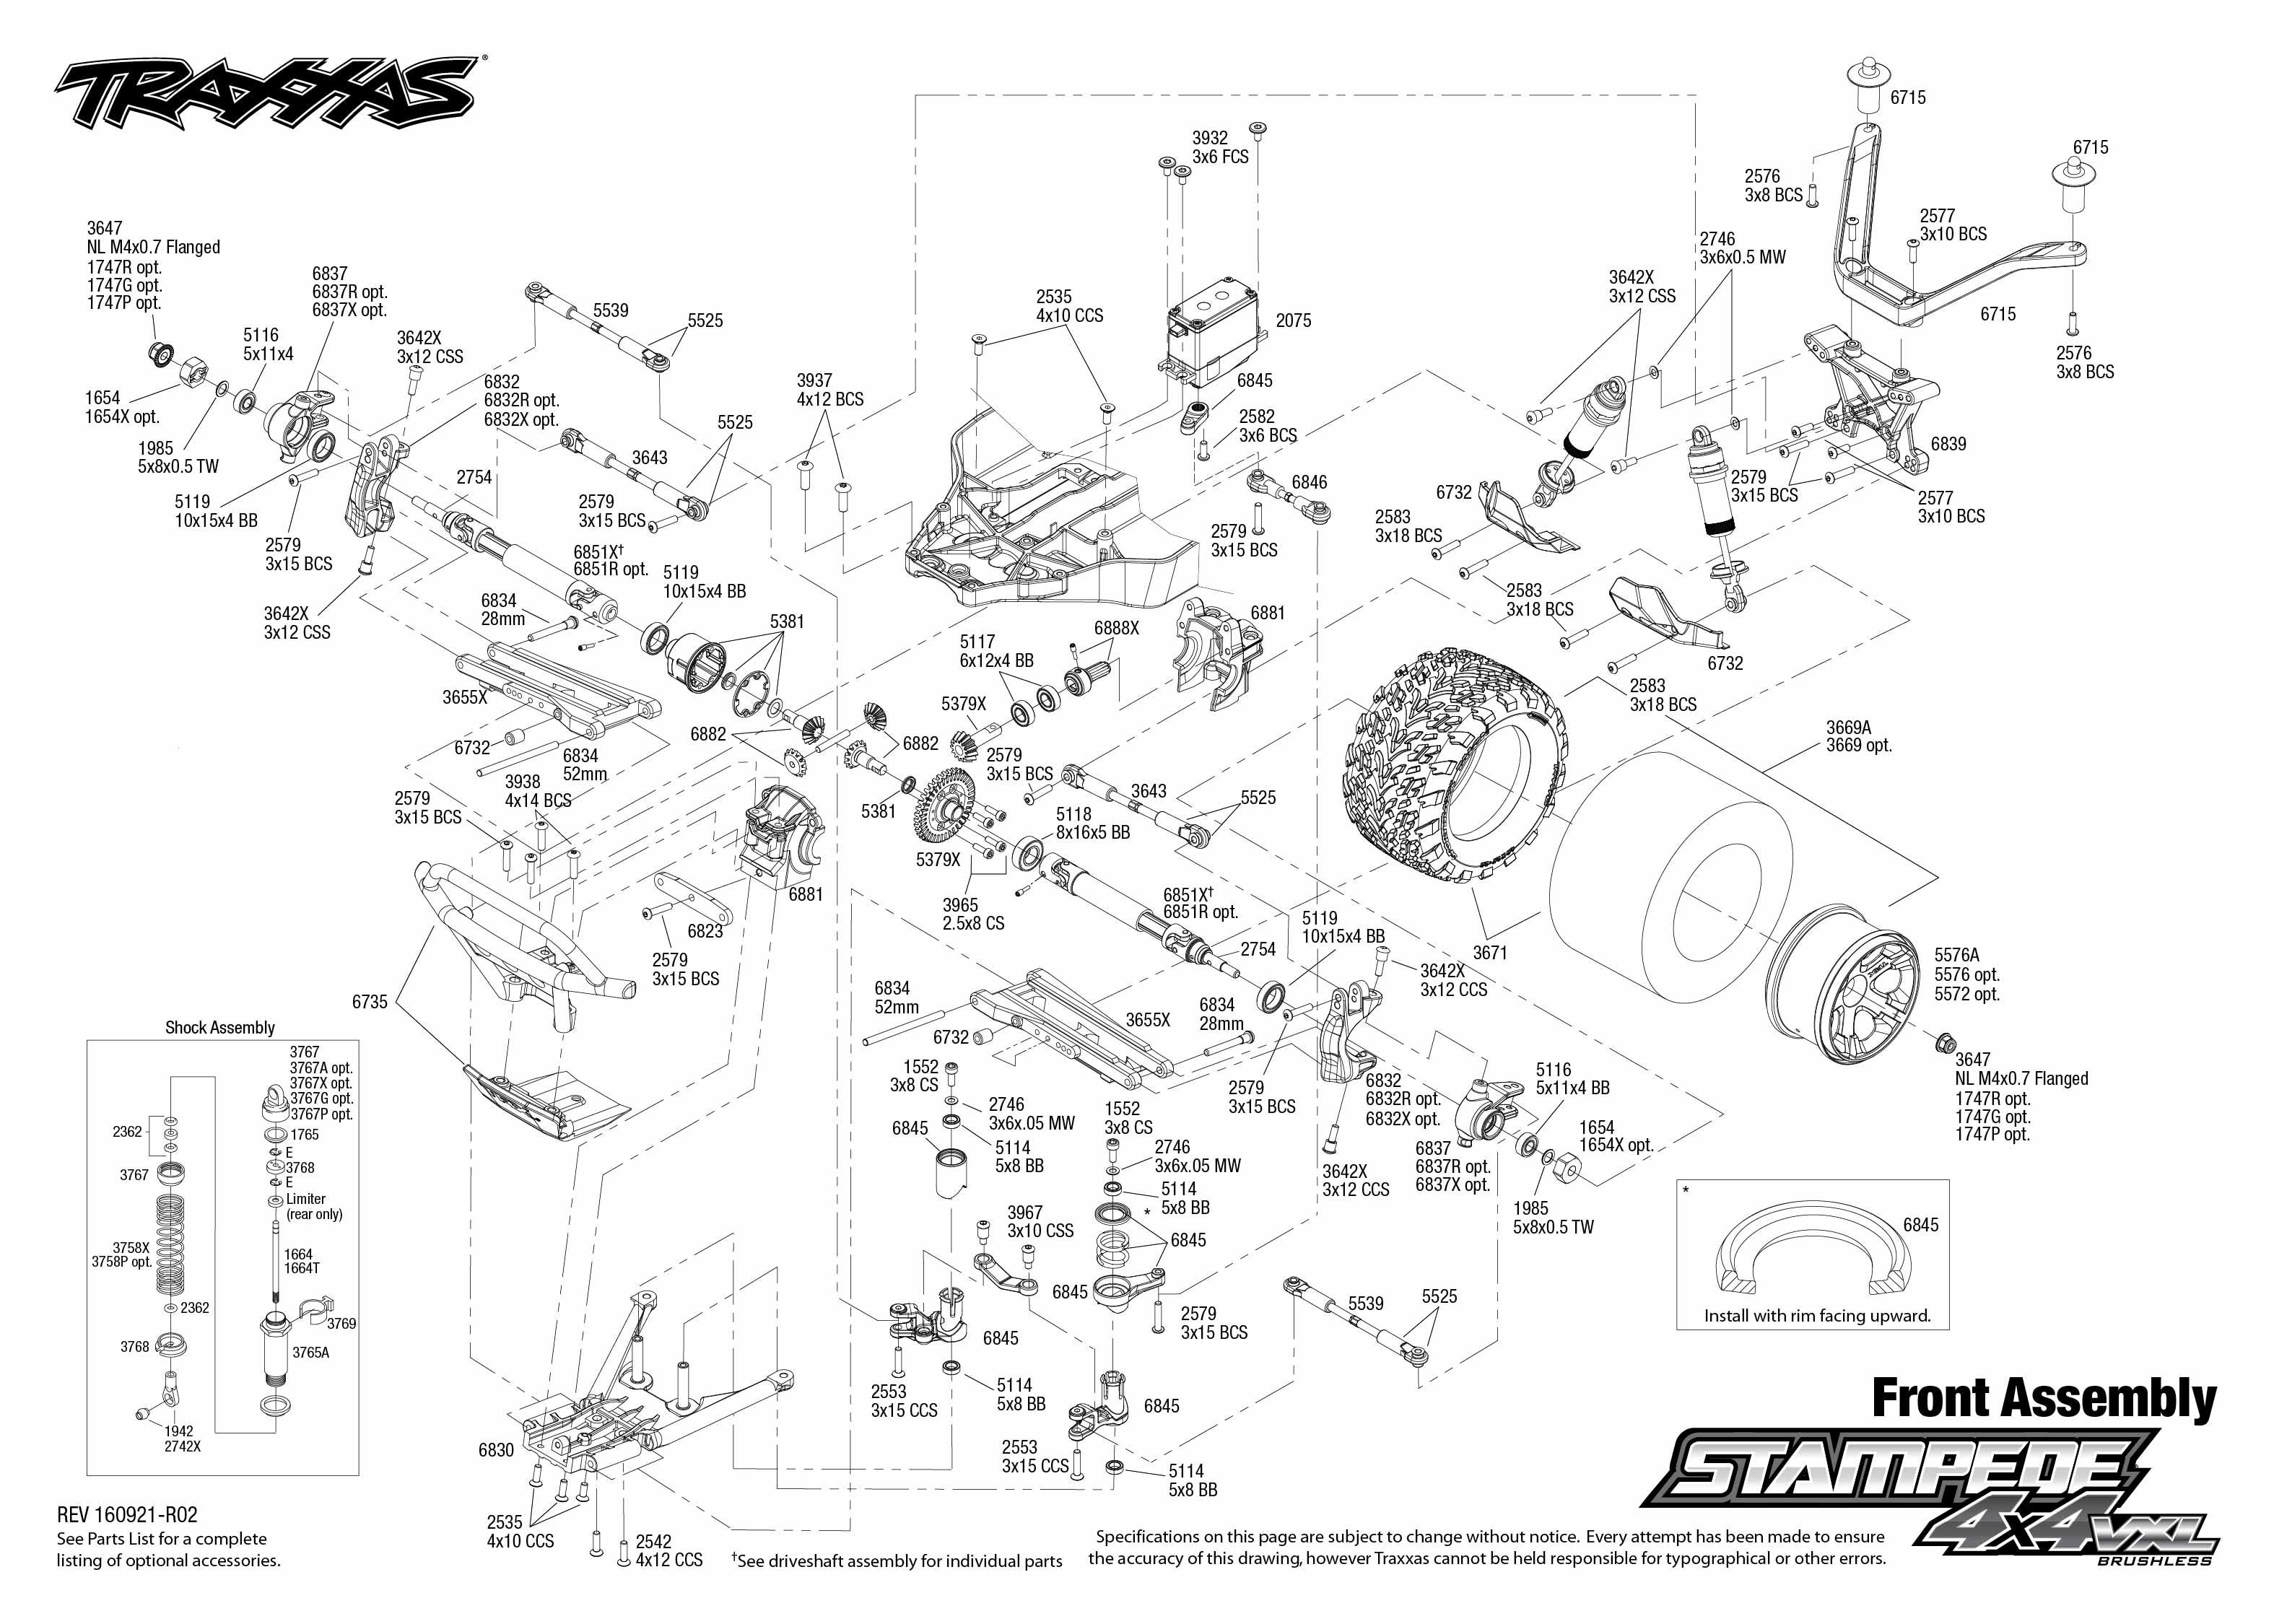 traxxas bec wiring diagram dolgular com Rc Rock Crawler Wiring Diagram  4x4 Wiring Diagram Traxxas Slash 2WD Parts Manual Traxxas Slash TCM Wiring-Diagram